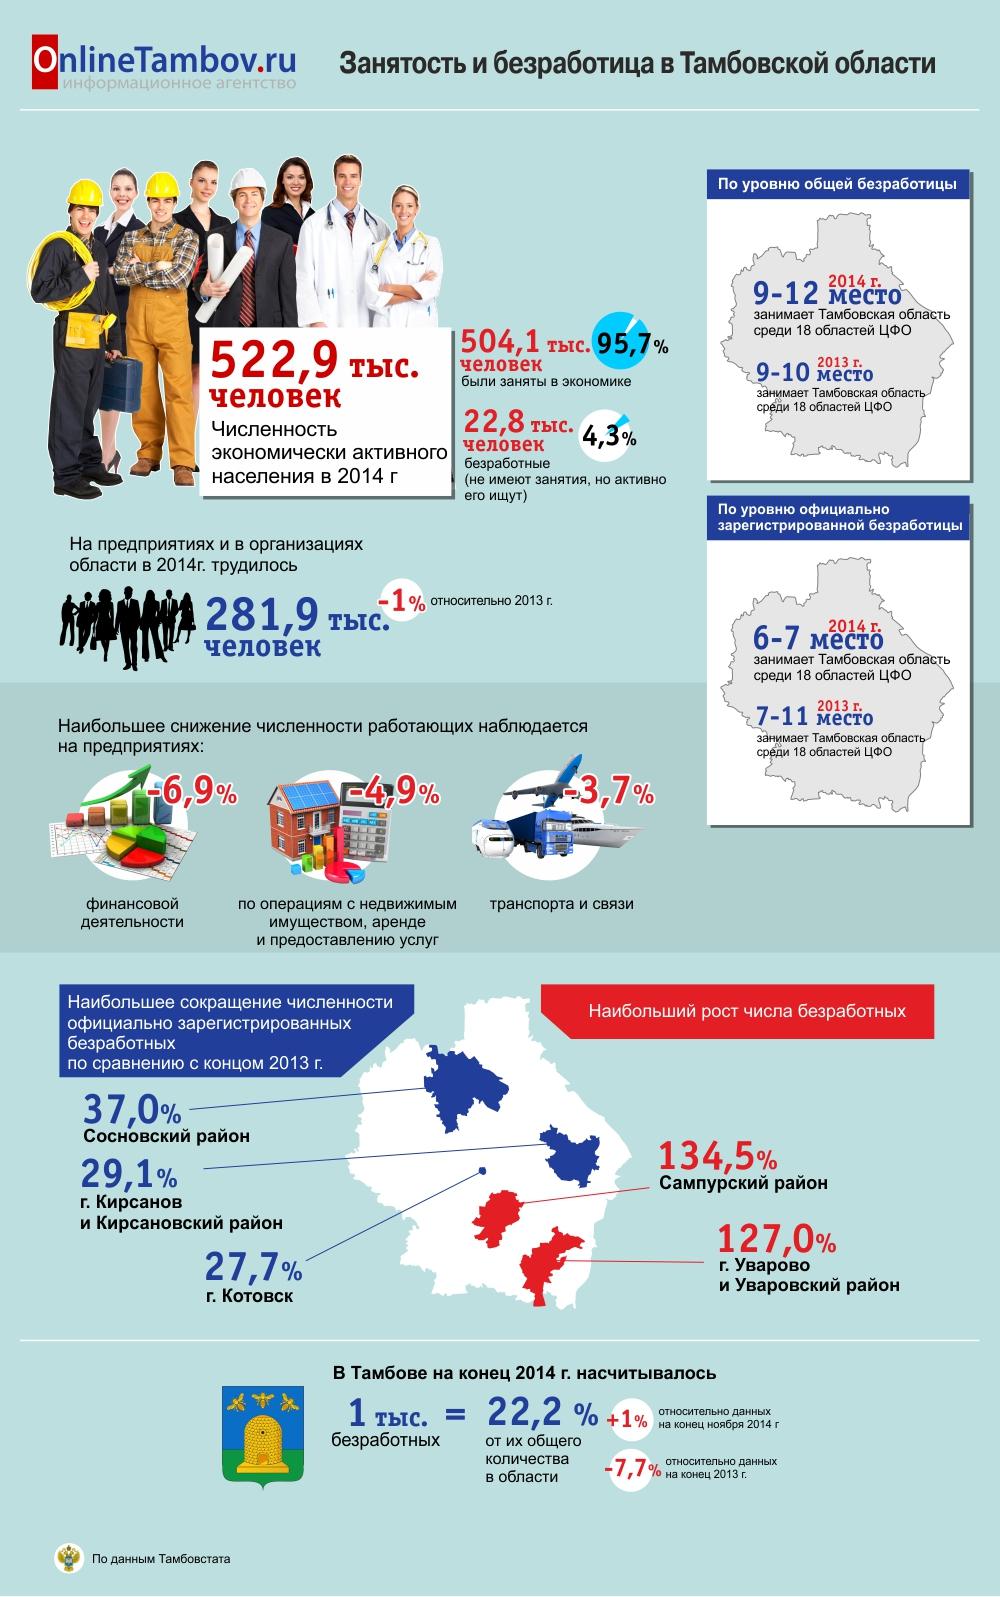 Занятость и безработица в Тамбовской области